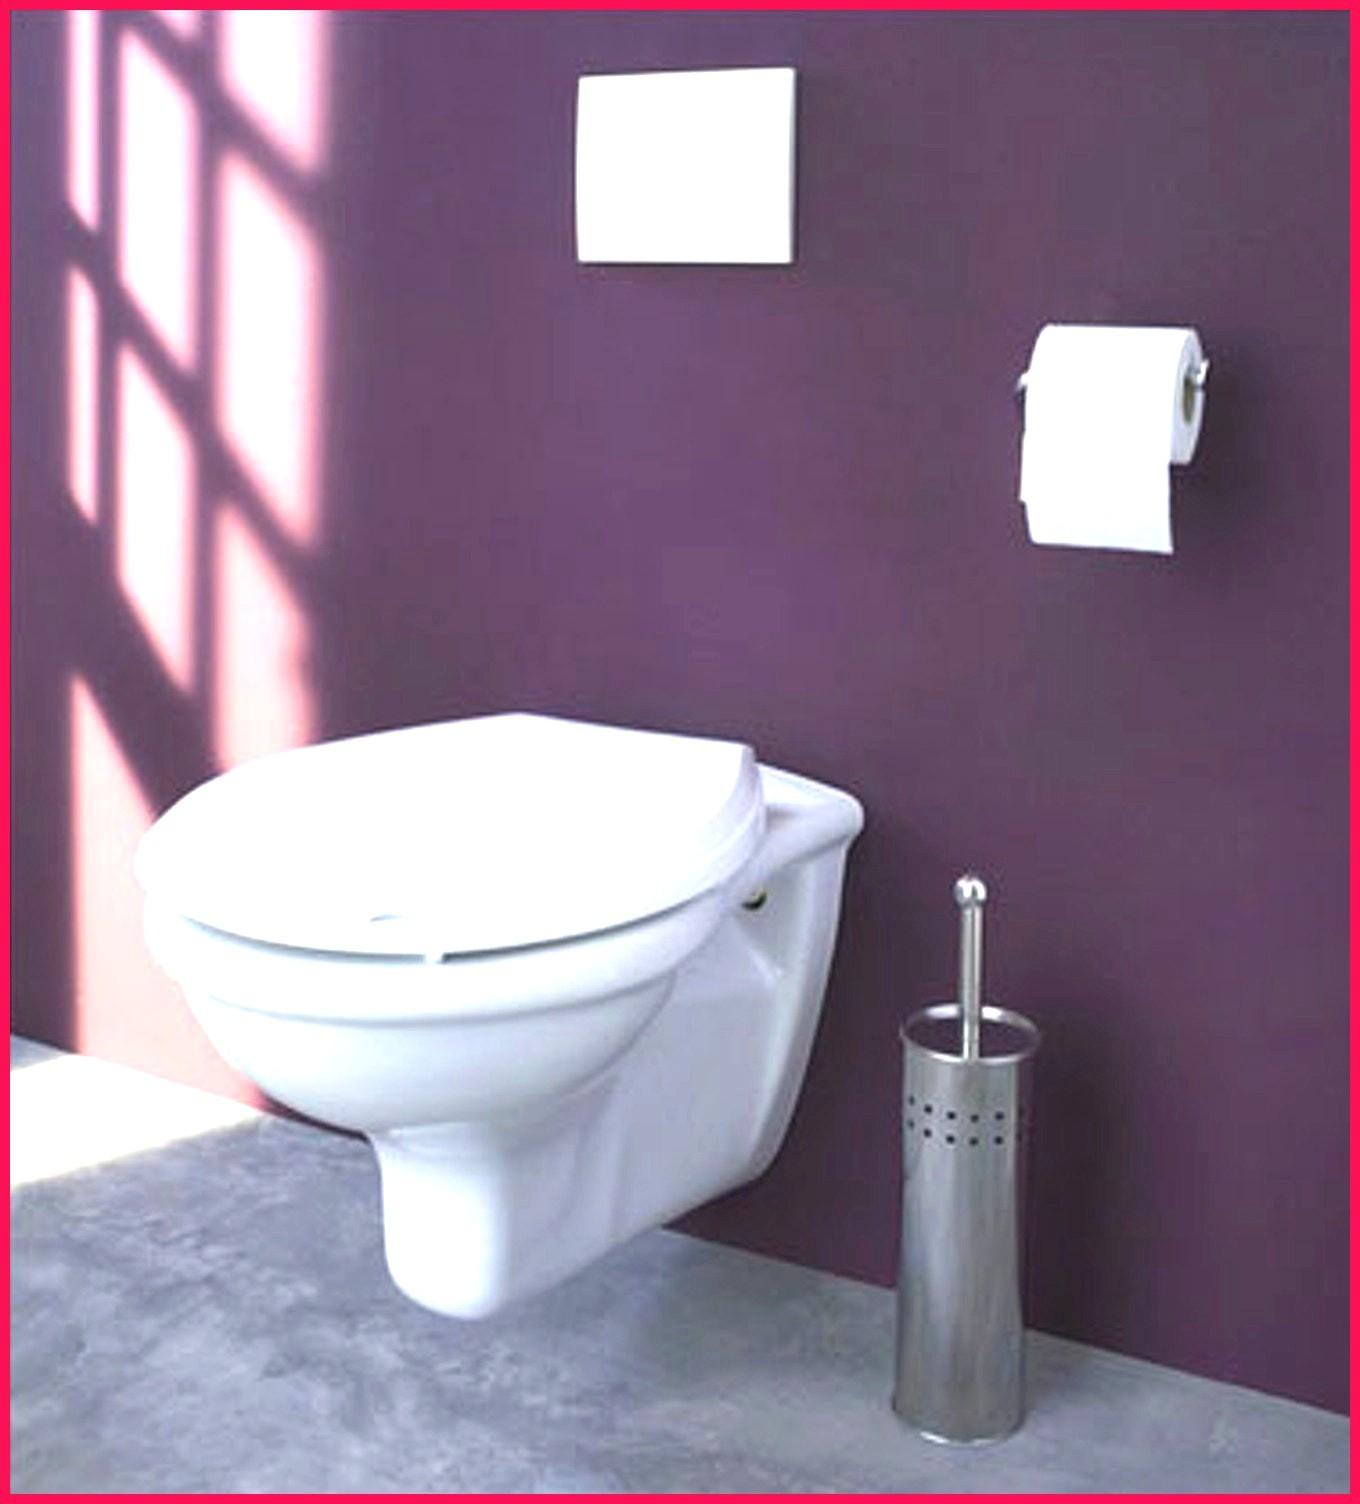 Chambre Idee Deco Toilette Suspendu Castorama Wc Suspendu concernant Toilette Suspendu Pas Cher